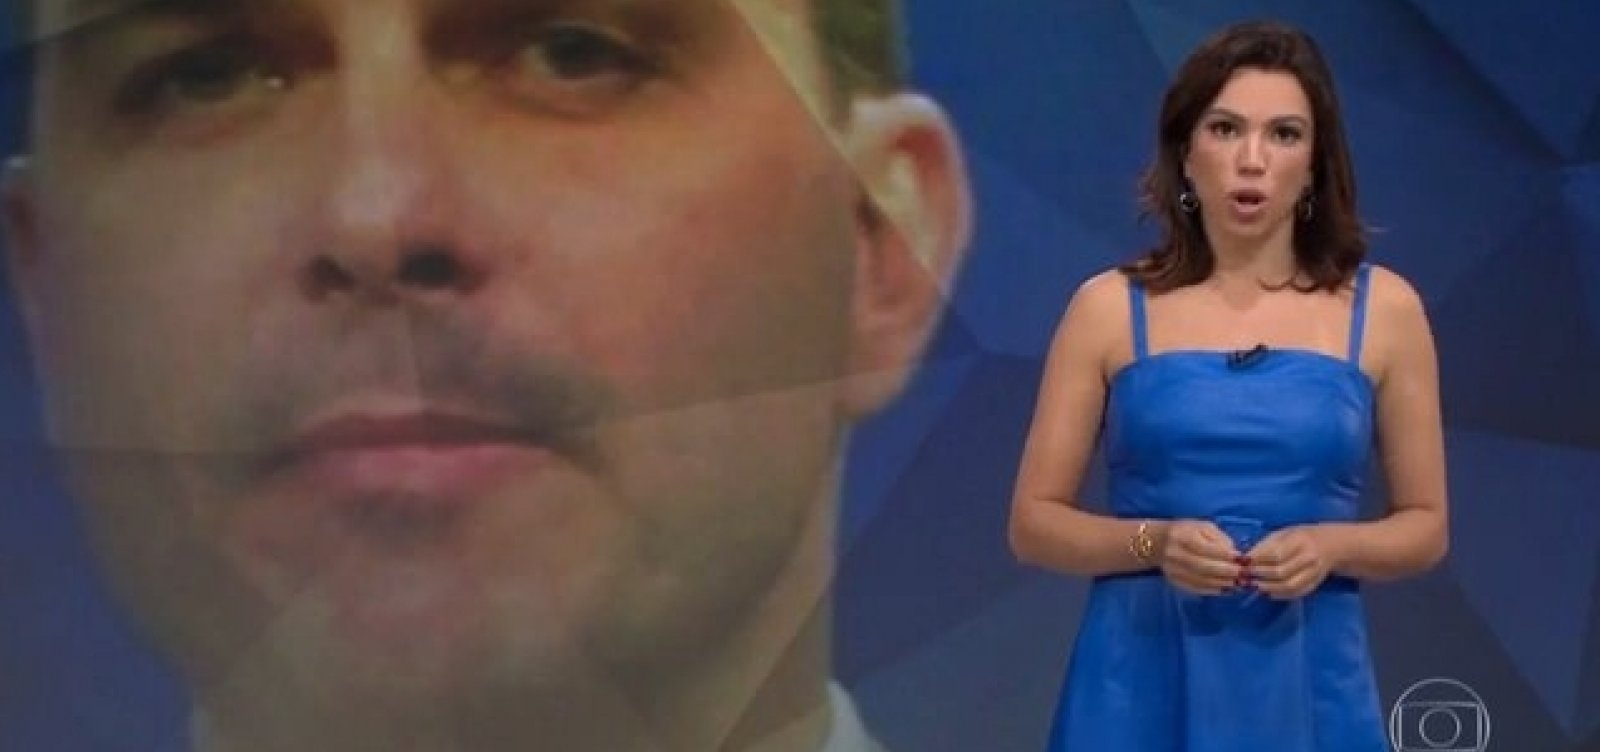 [Globo critica falta de perguntas a Flávio Bolsonaro em entrevista da Record; veja vídeo]